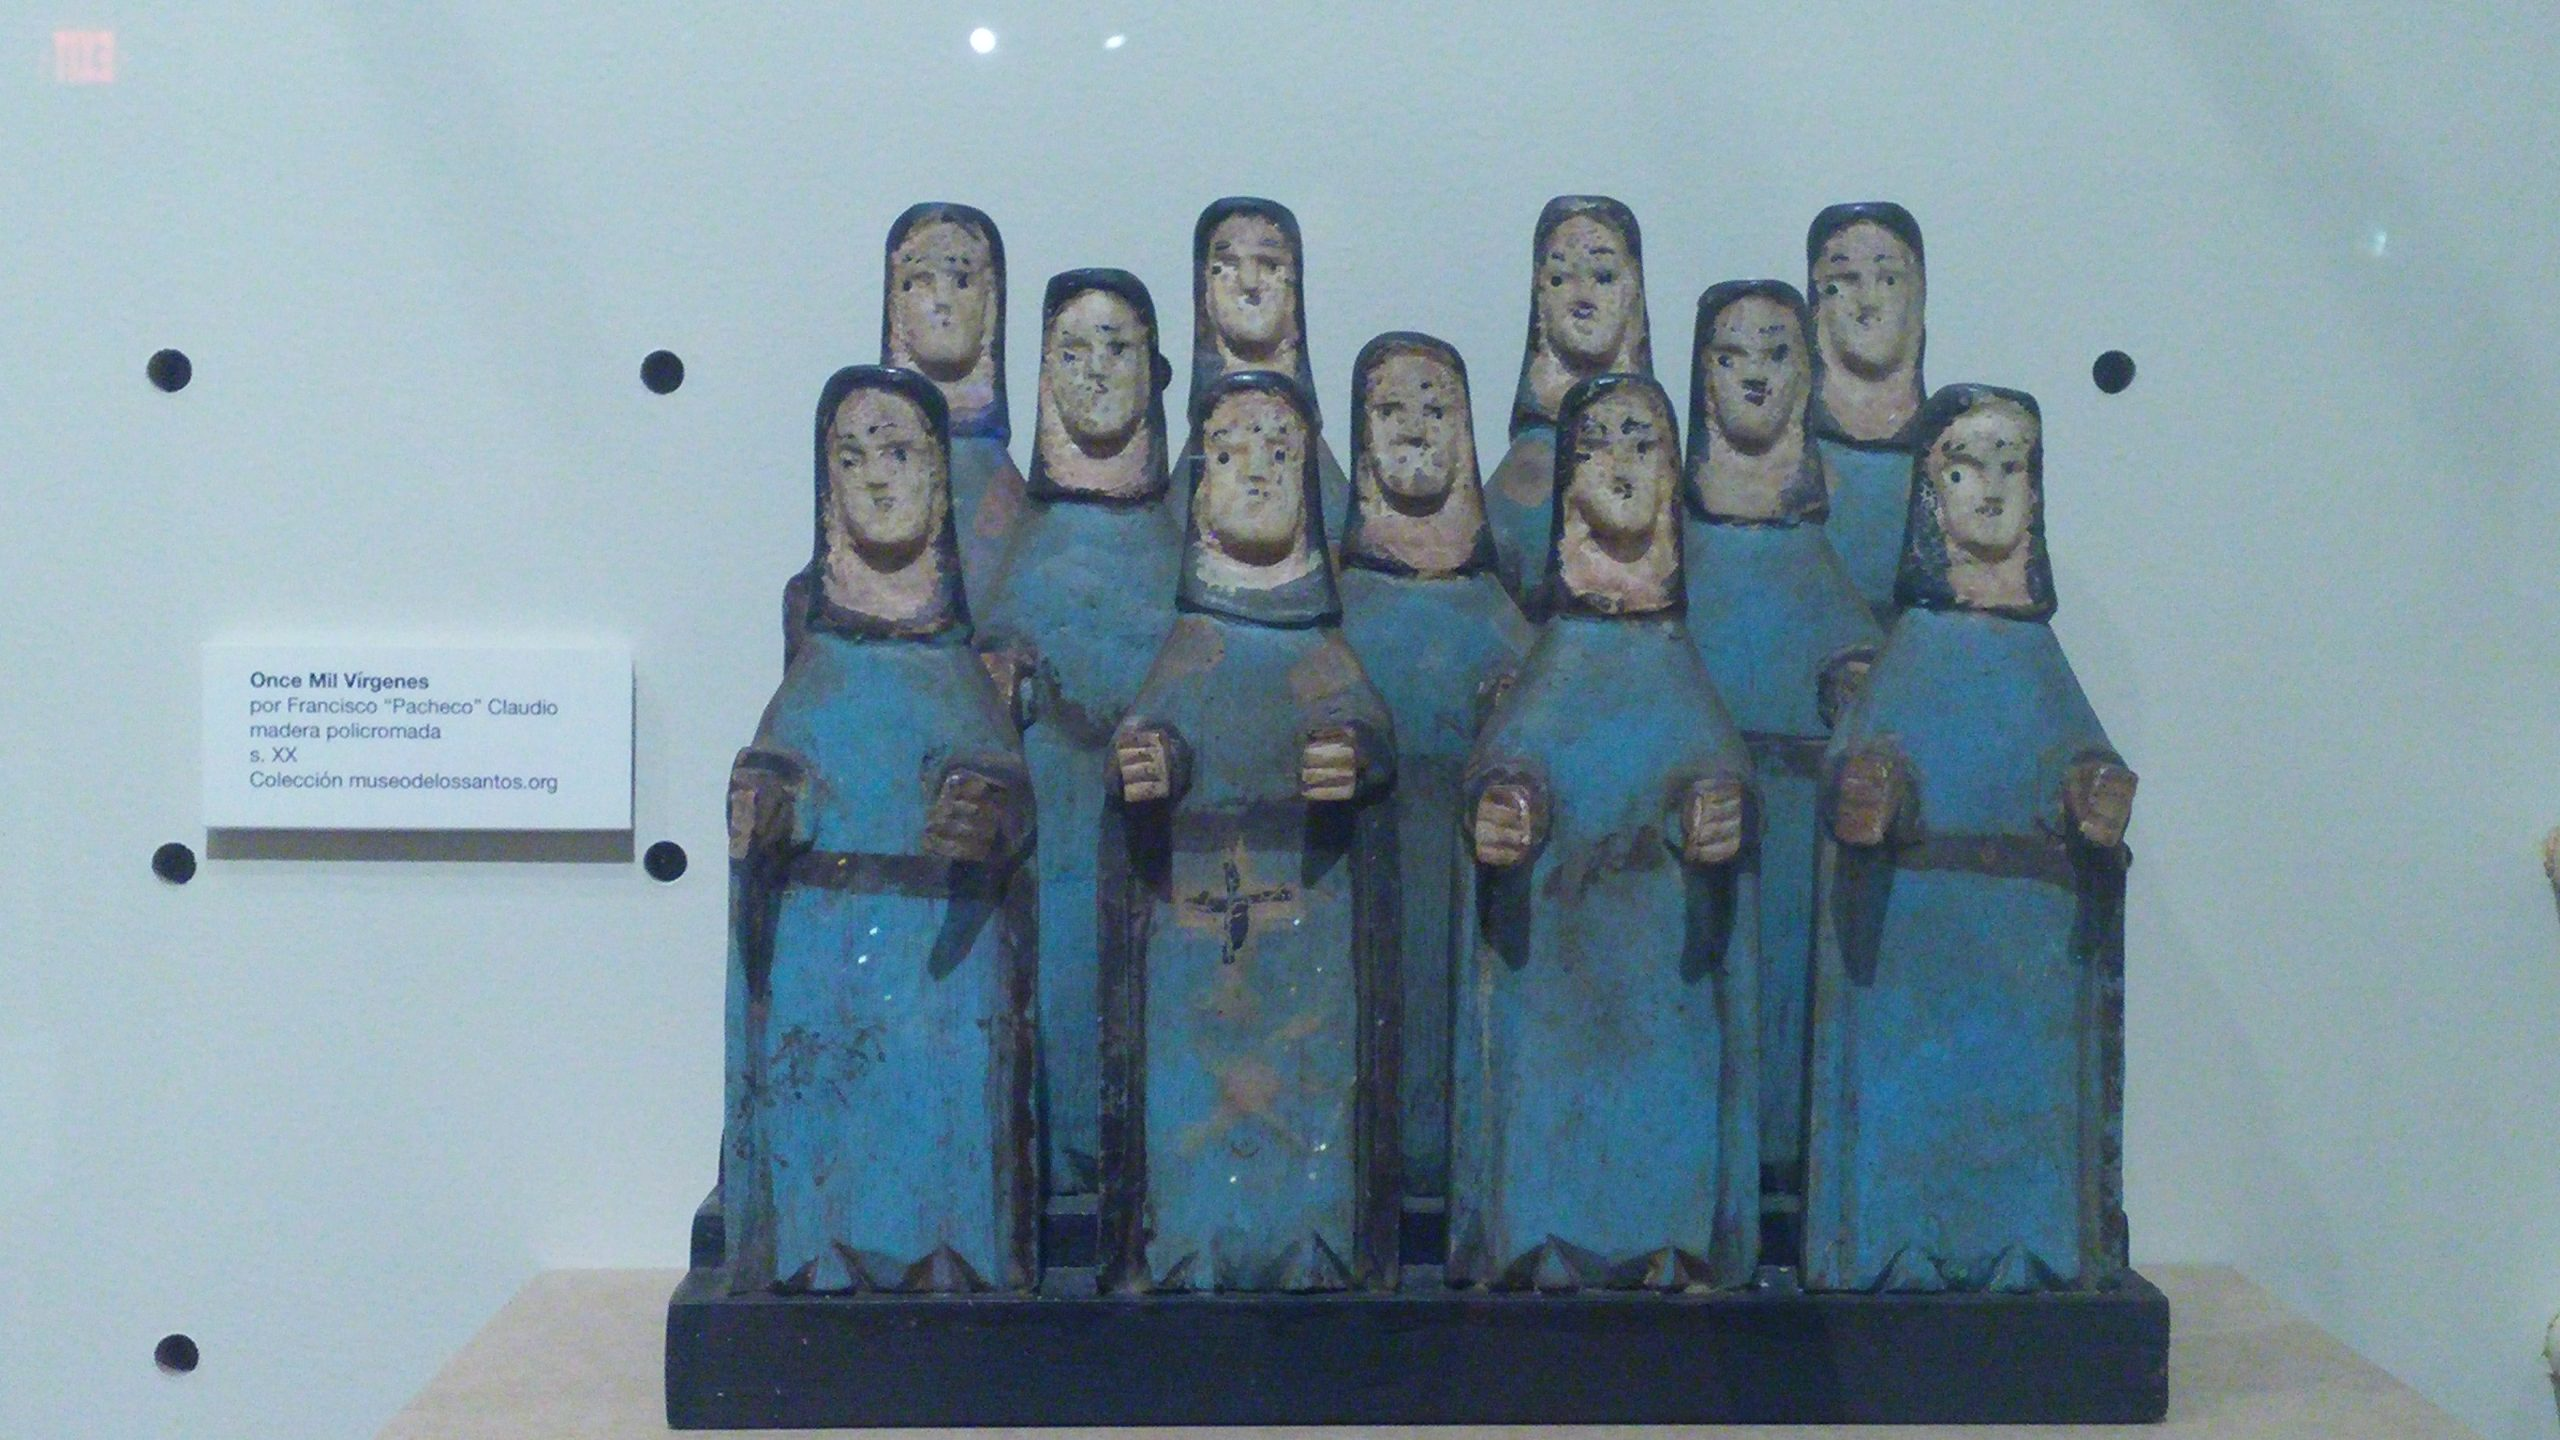 Las Once Mil Vírgenes de Francisco Pacheco Claudio se exhibe en la exposición. (Foto Gabriela Oriz para Fundación Nacional para la Cultura Popular)